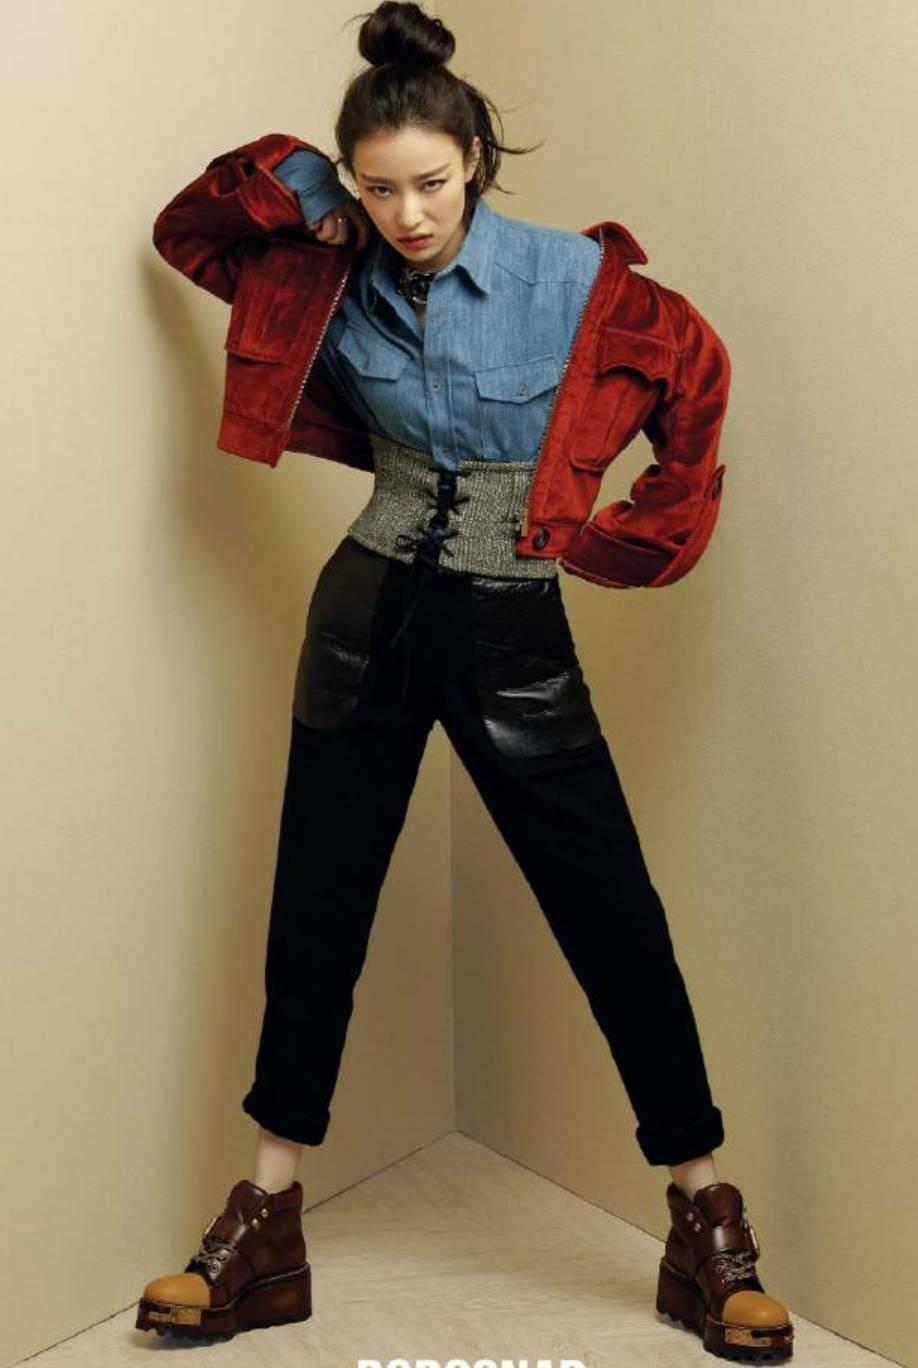 组搭配_前两天为杂志拍摄的拍过一组时尚大片,牛仔衬衫搭配红色丝绒夹克,复